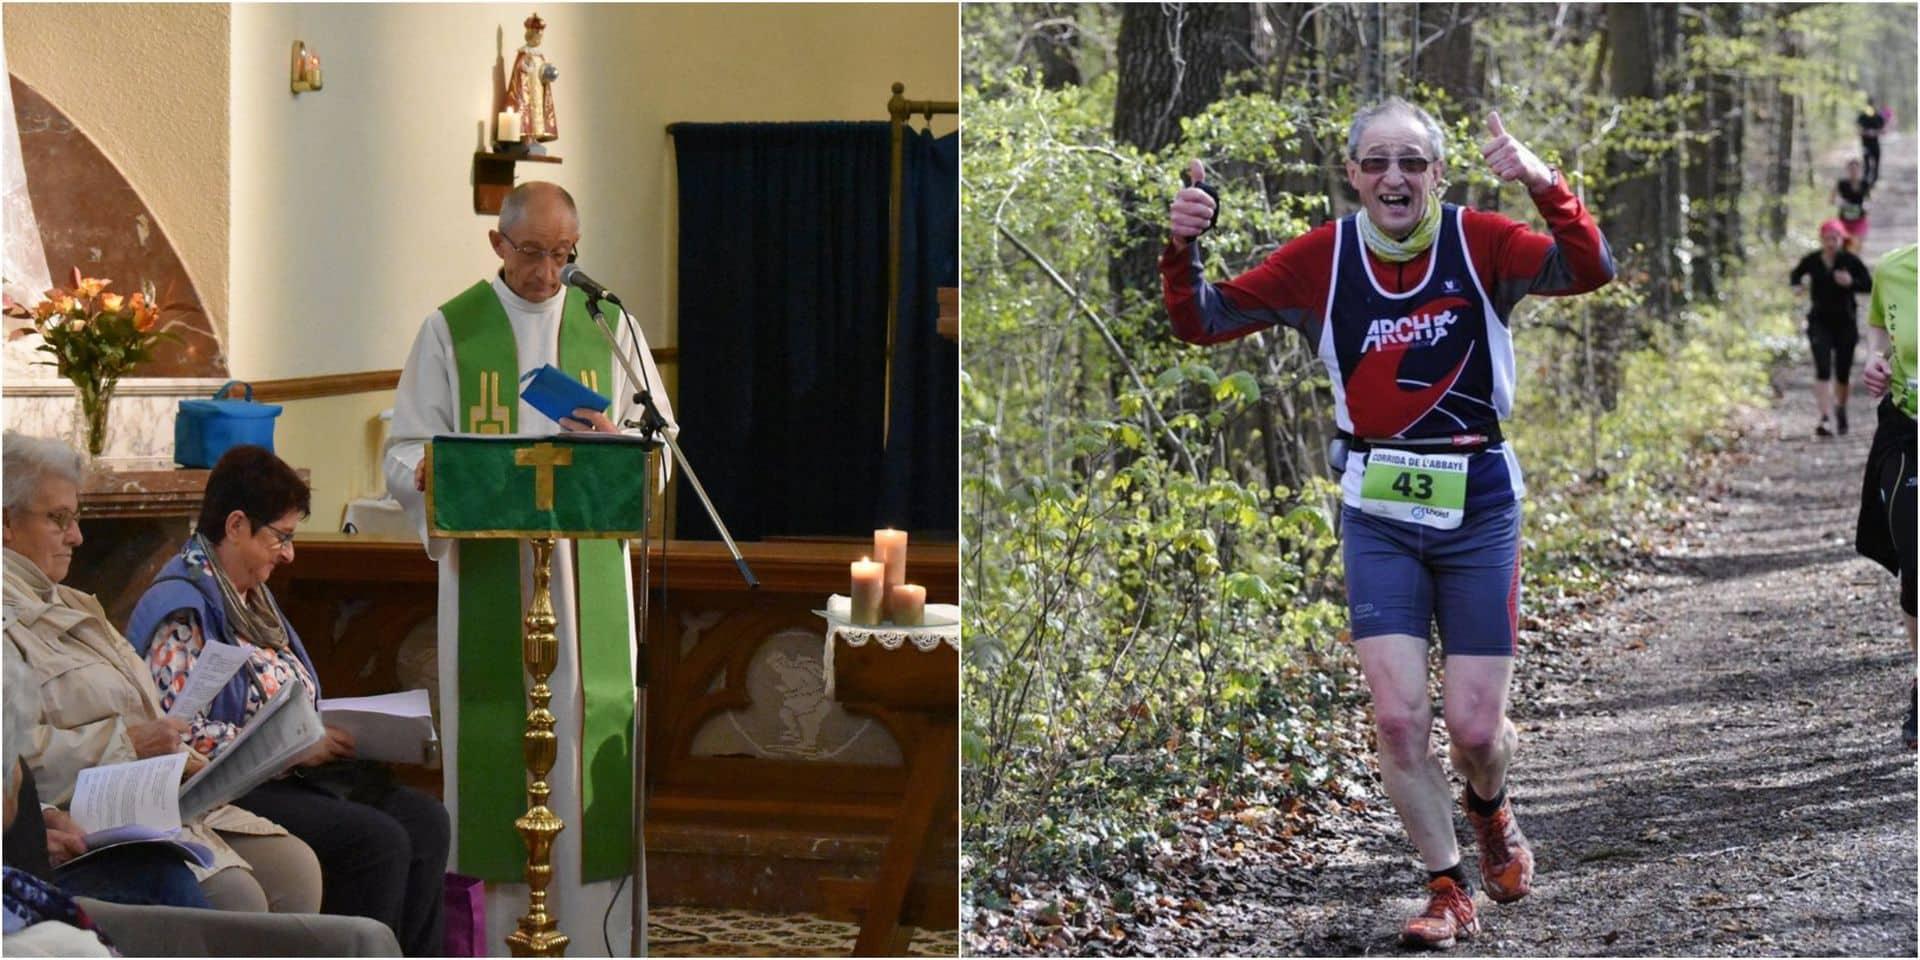 """Rencontre avec l'abbé Fernand Stréber, fan de running: """"Debout à 6 h du matin pour aller courir avant la messe"""""""